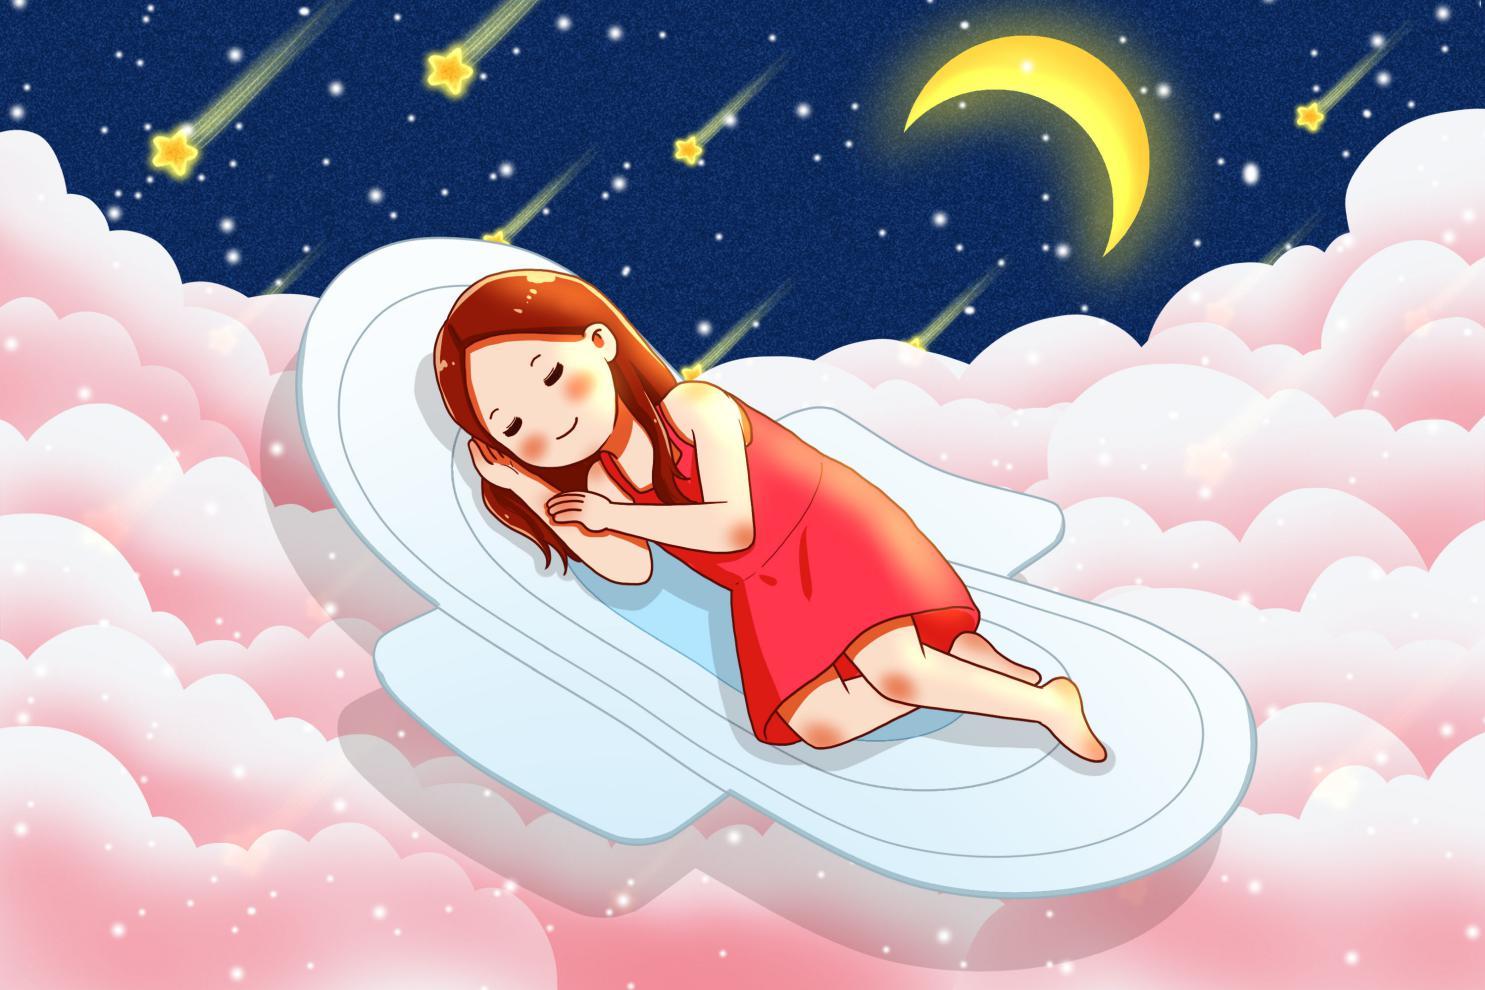 摄图网_401764726_在卫生巾上熟睡的女孩(非企业商用)